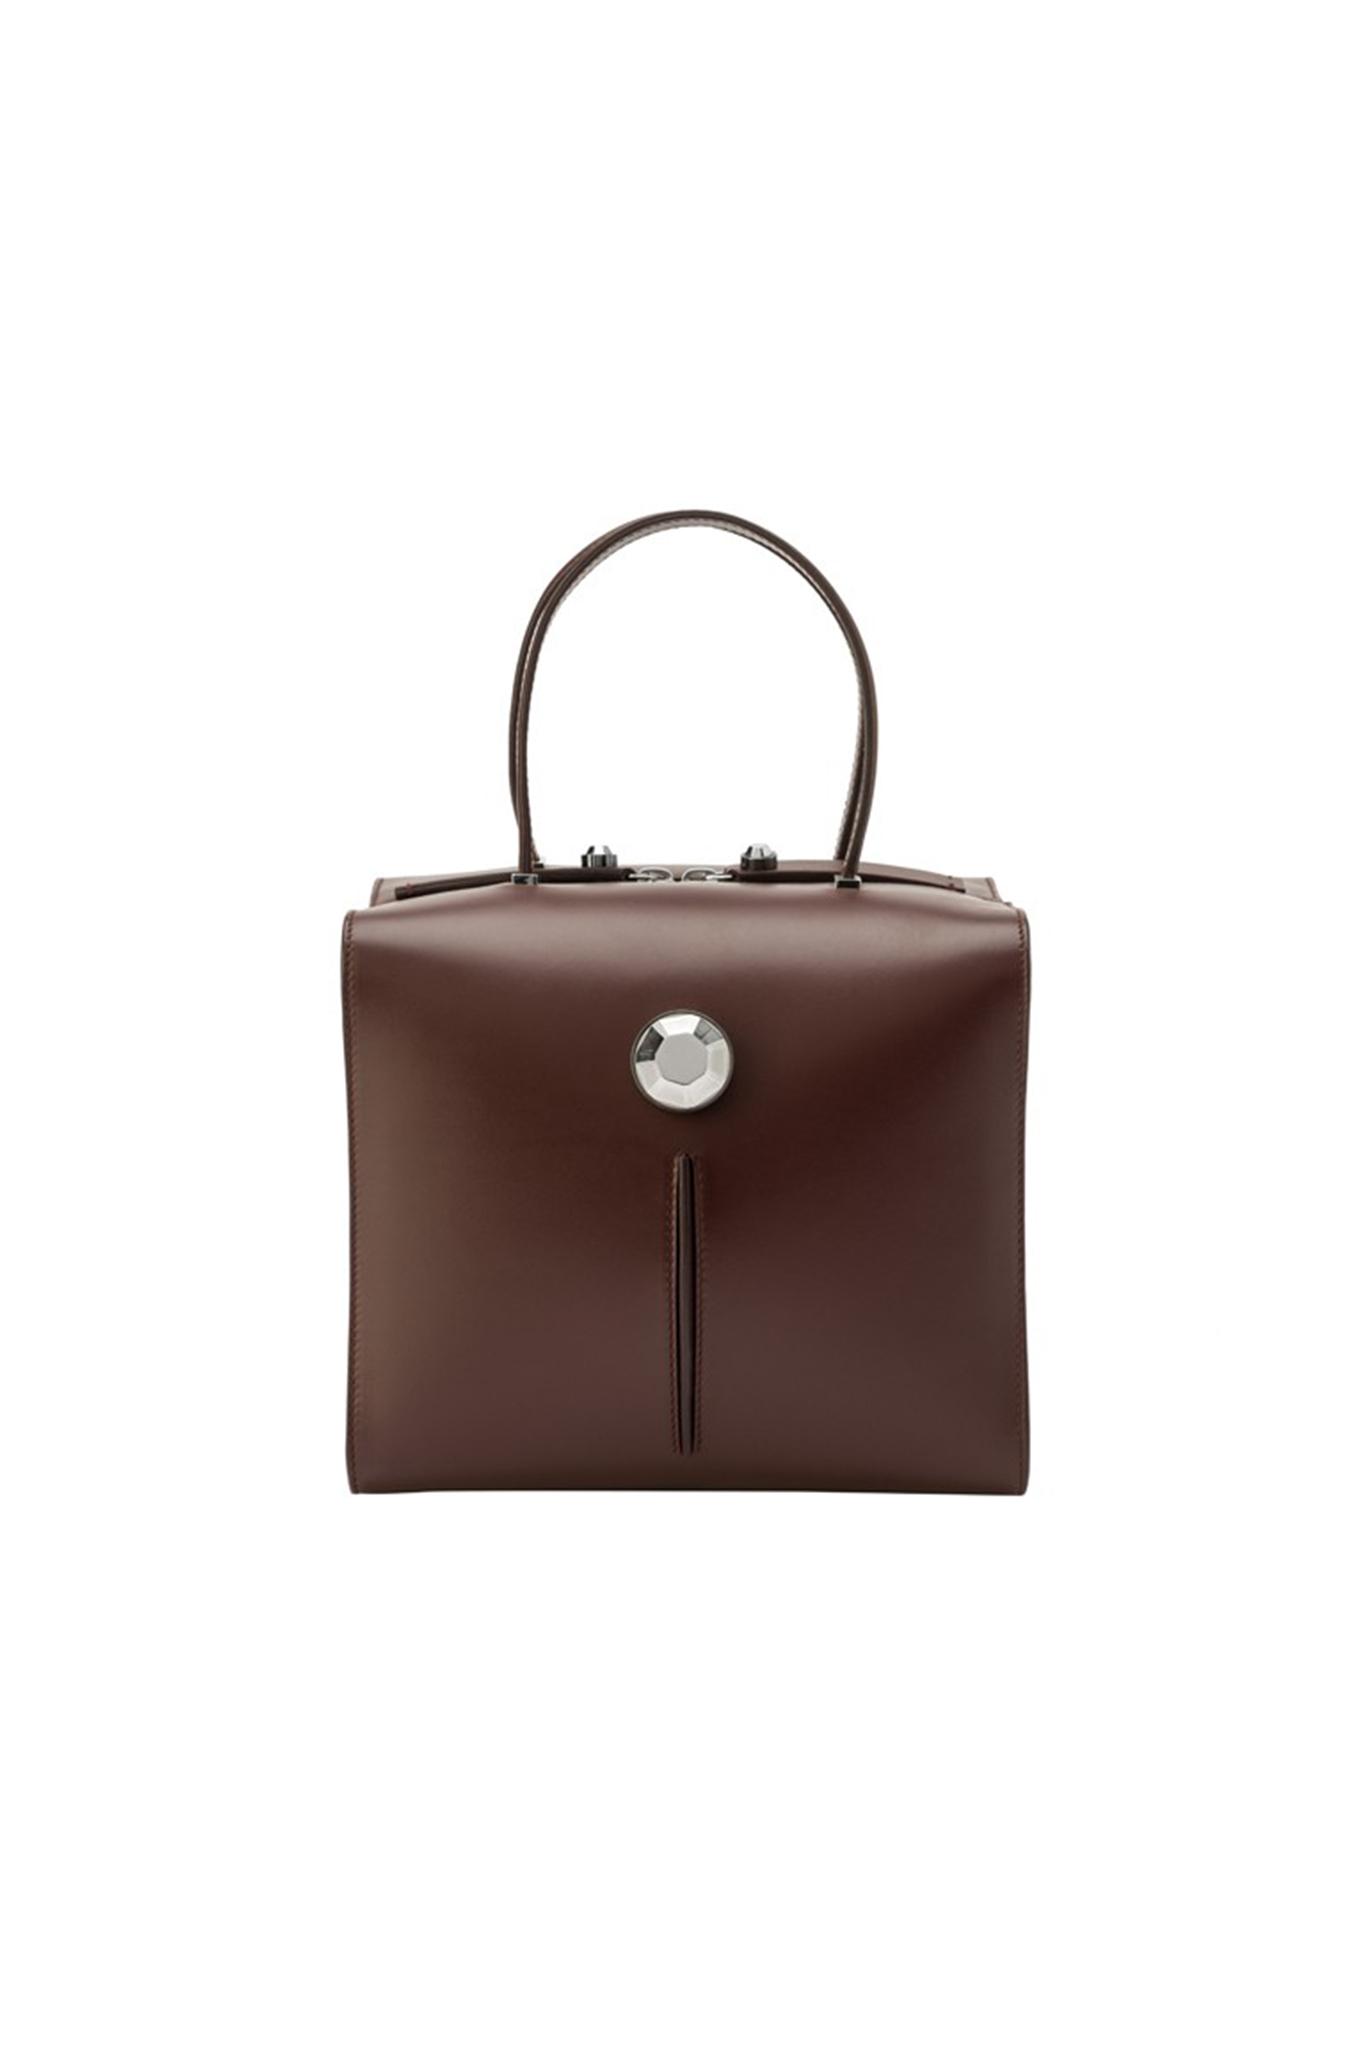 04-03-bags.jpg